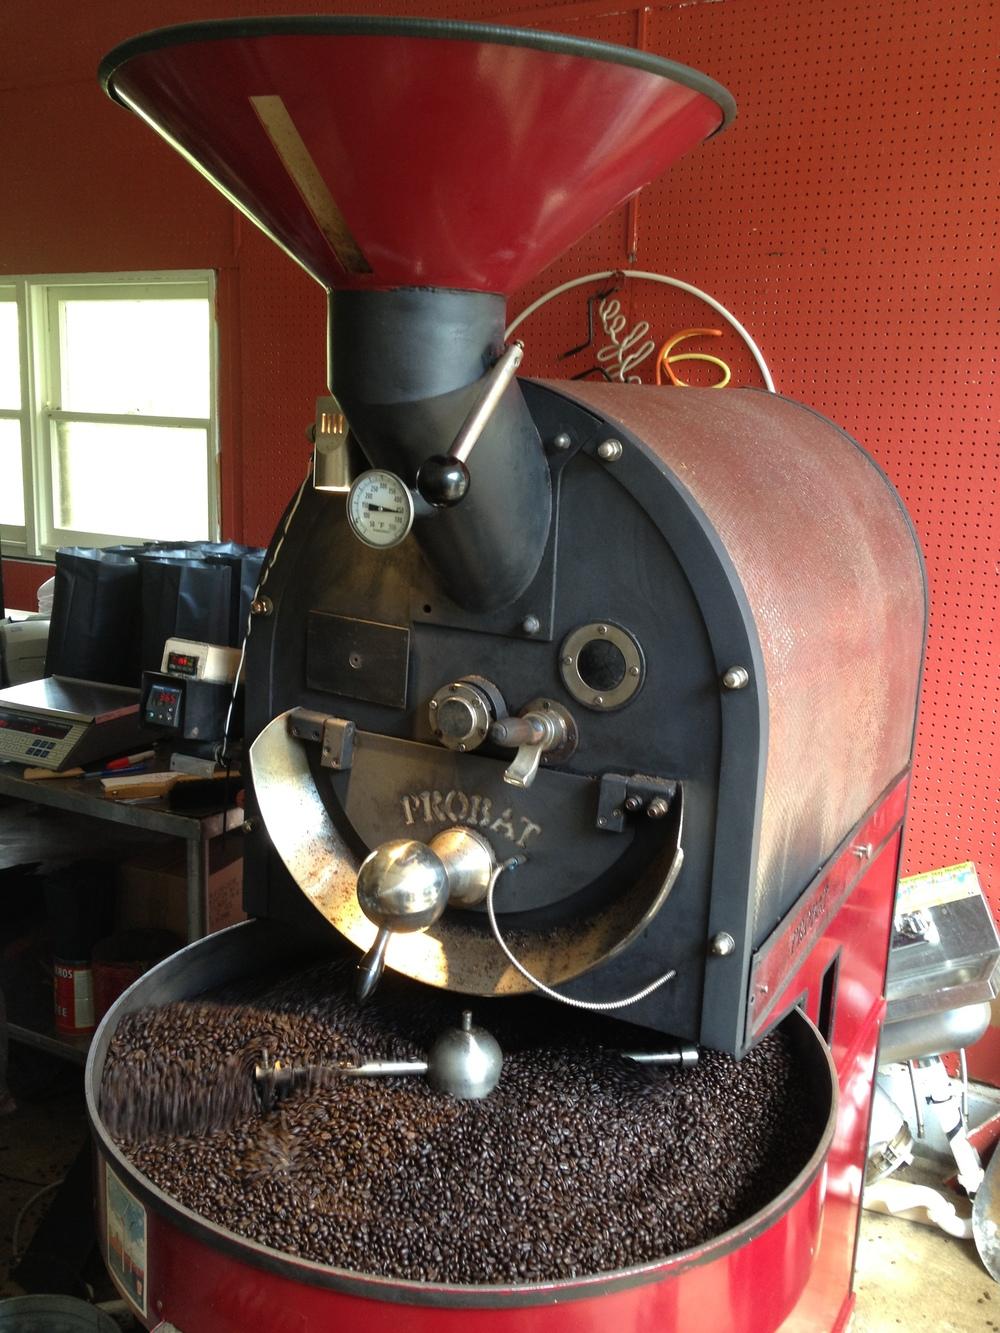 Our vintage Probat roaster.